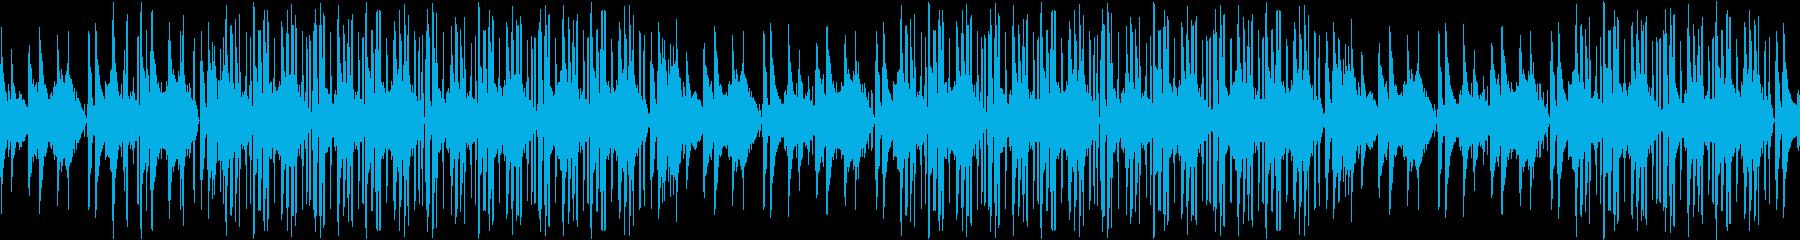 レトロ・お洒落・ピアノ・明るい・ループの再生済みの波形